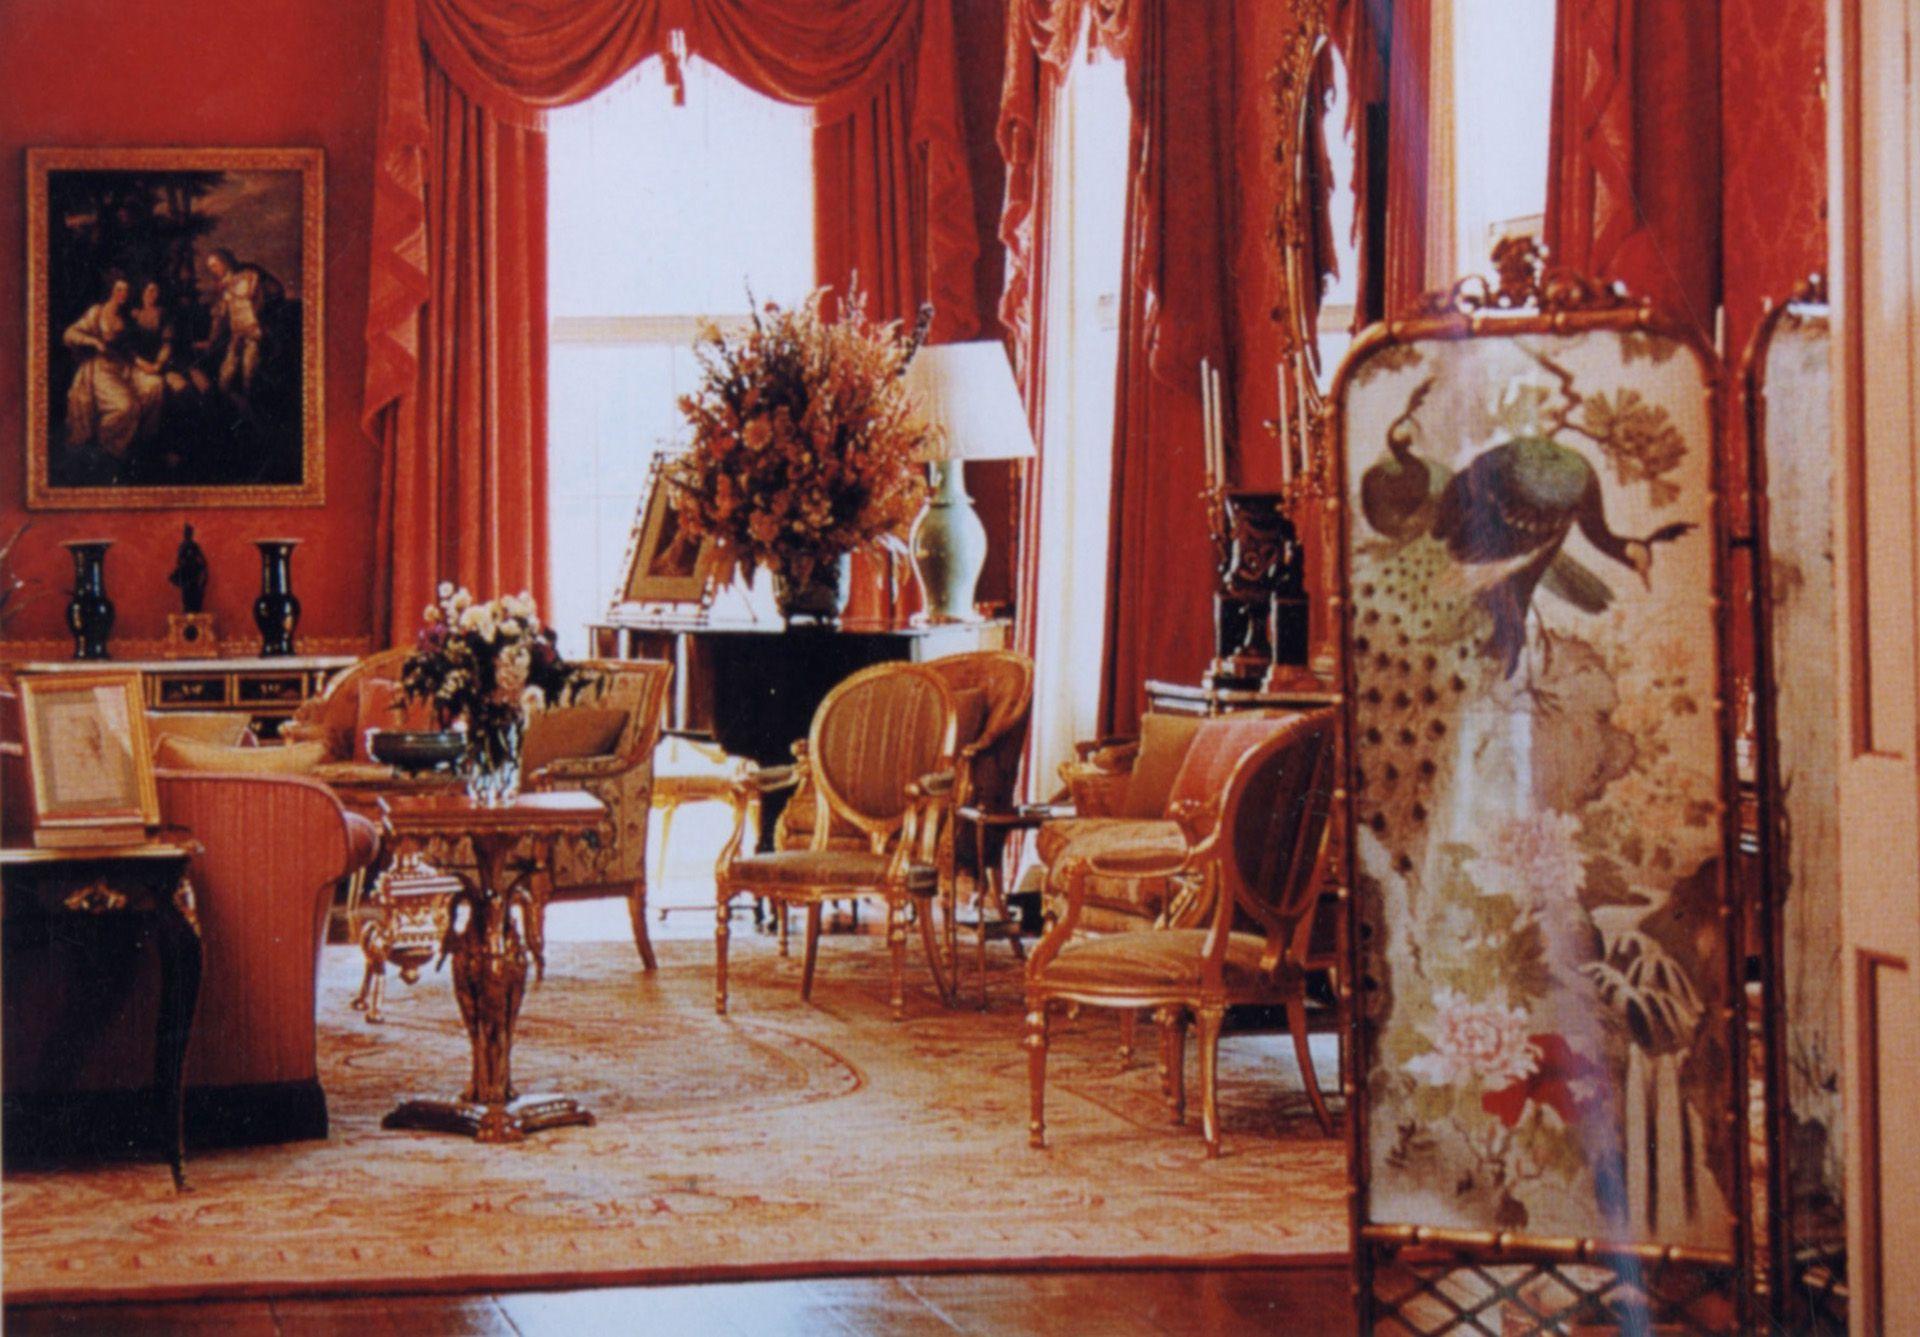 Una de las salas majestuosas de la mansión de los Spencer.